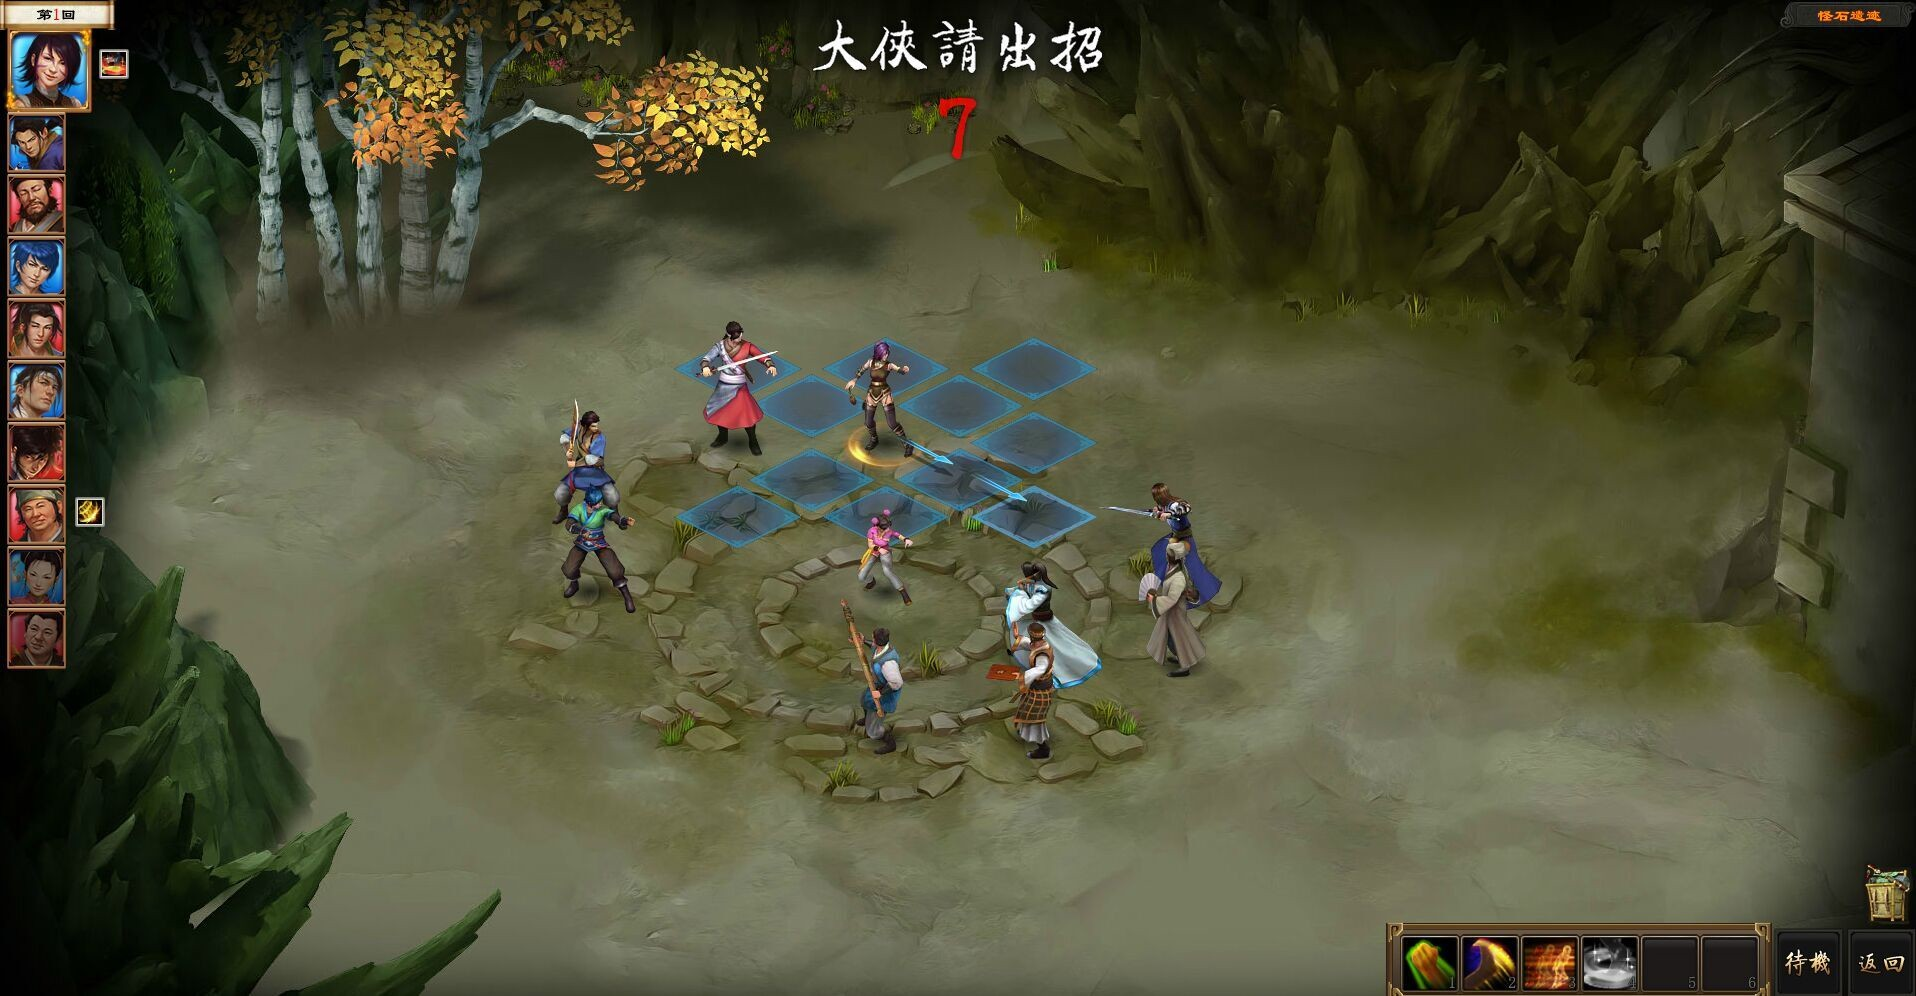 洛川群侠传_单机游戏大全